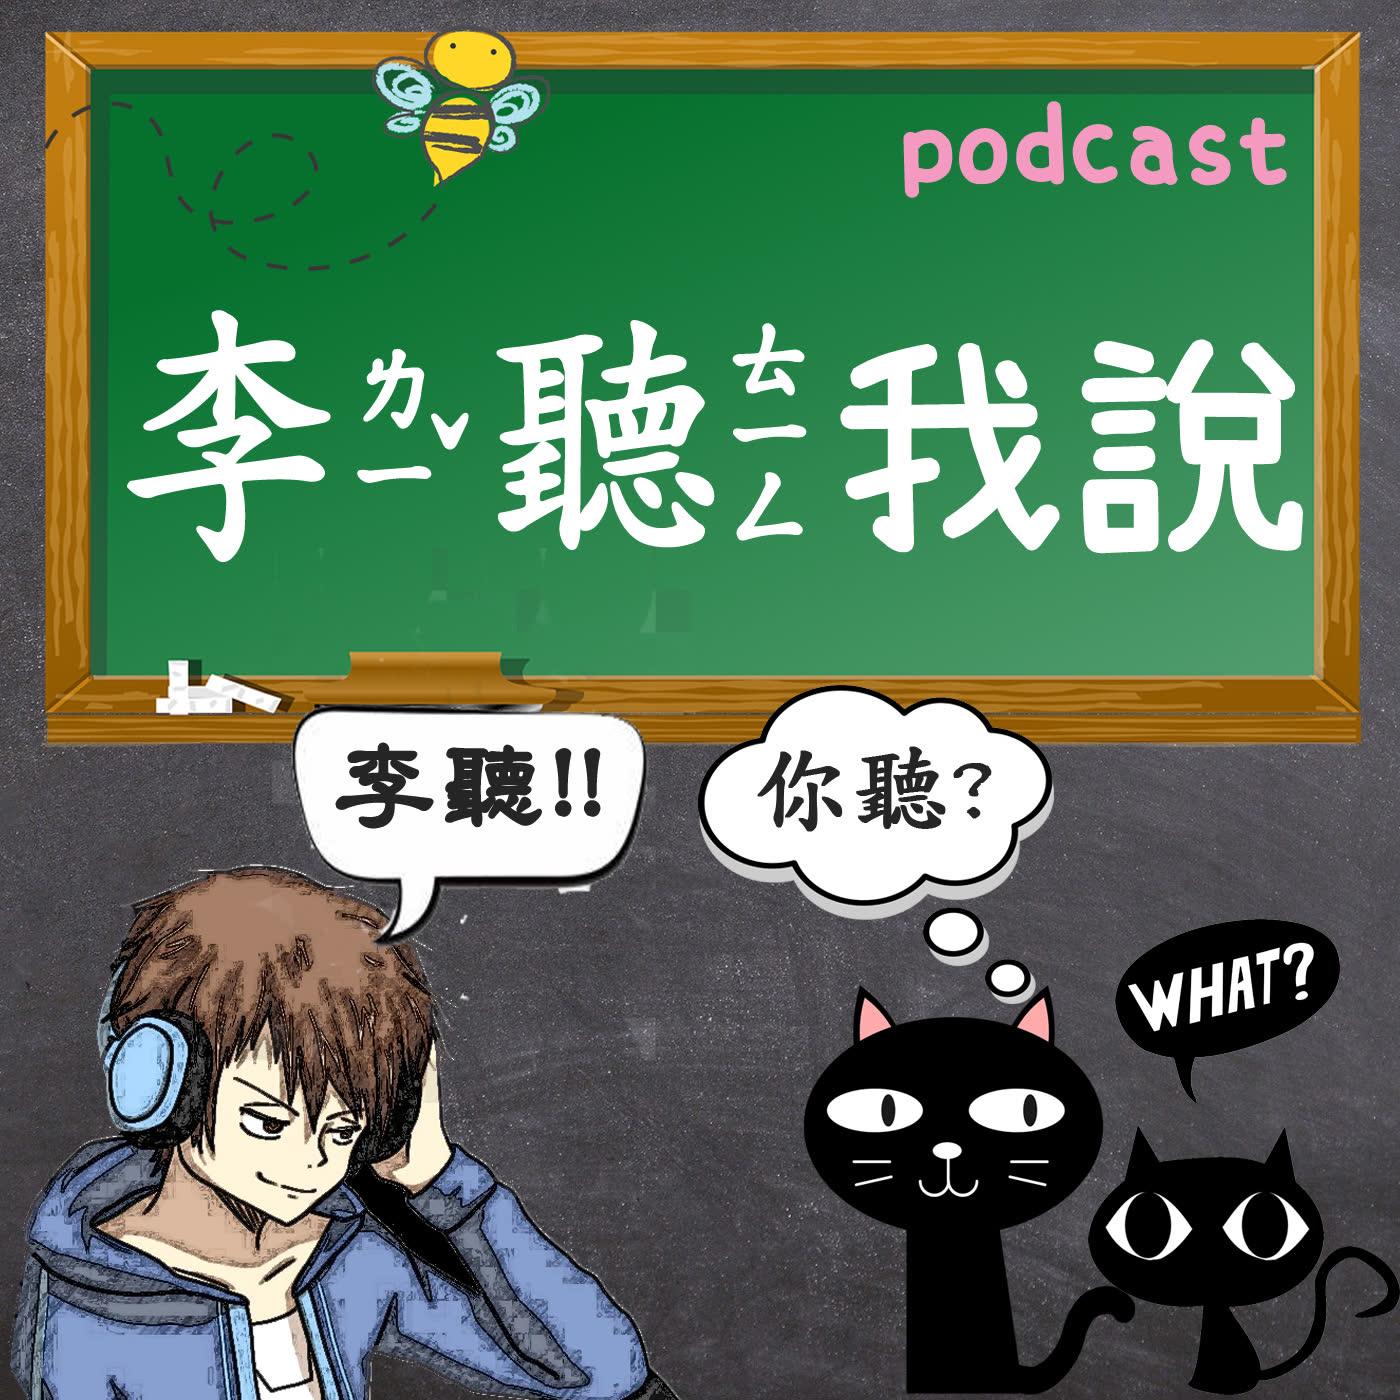 【李聽/交友軟體Ep2】害羞男~卻遇到瘋狂嬌喘的ㄎㄧㄤ妹「聲音嬌柔、撒嬌酥麻」小哥哥被反撩到害怕哭了!